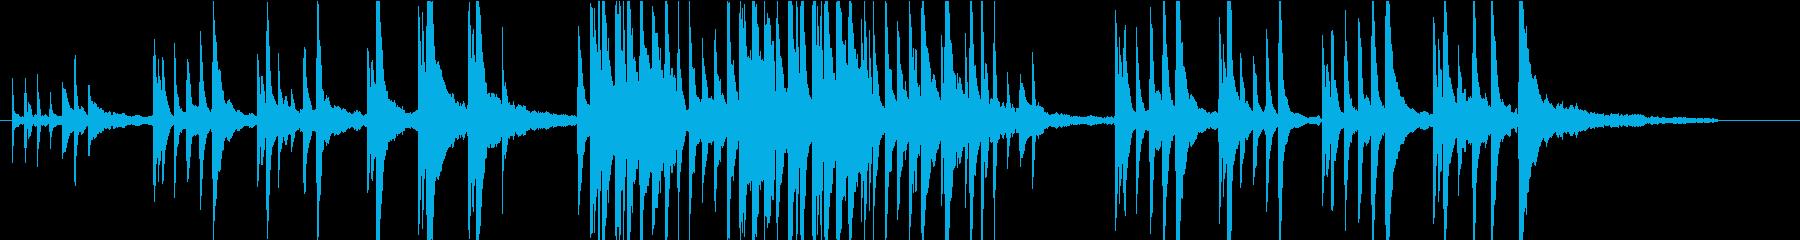 ランウェイ242019落ち込み反省4sad1momokoの再生済みの波形